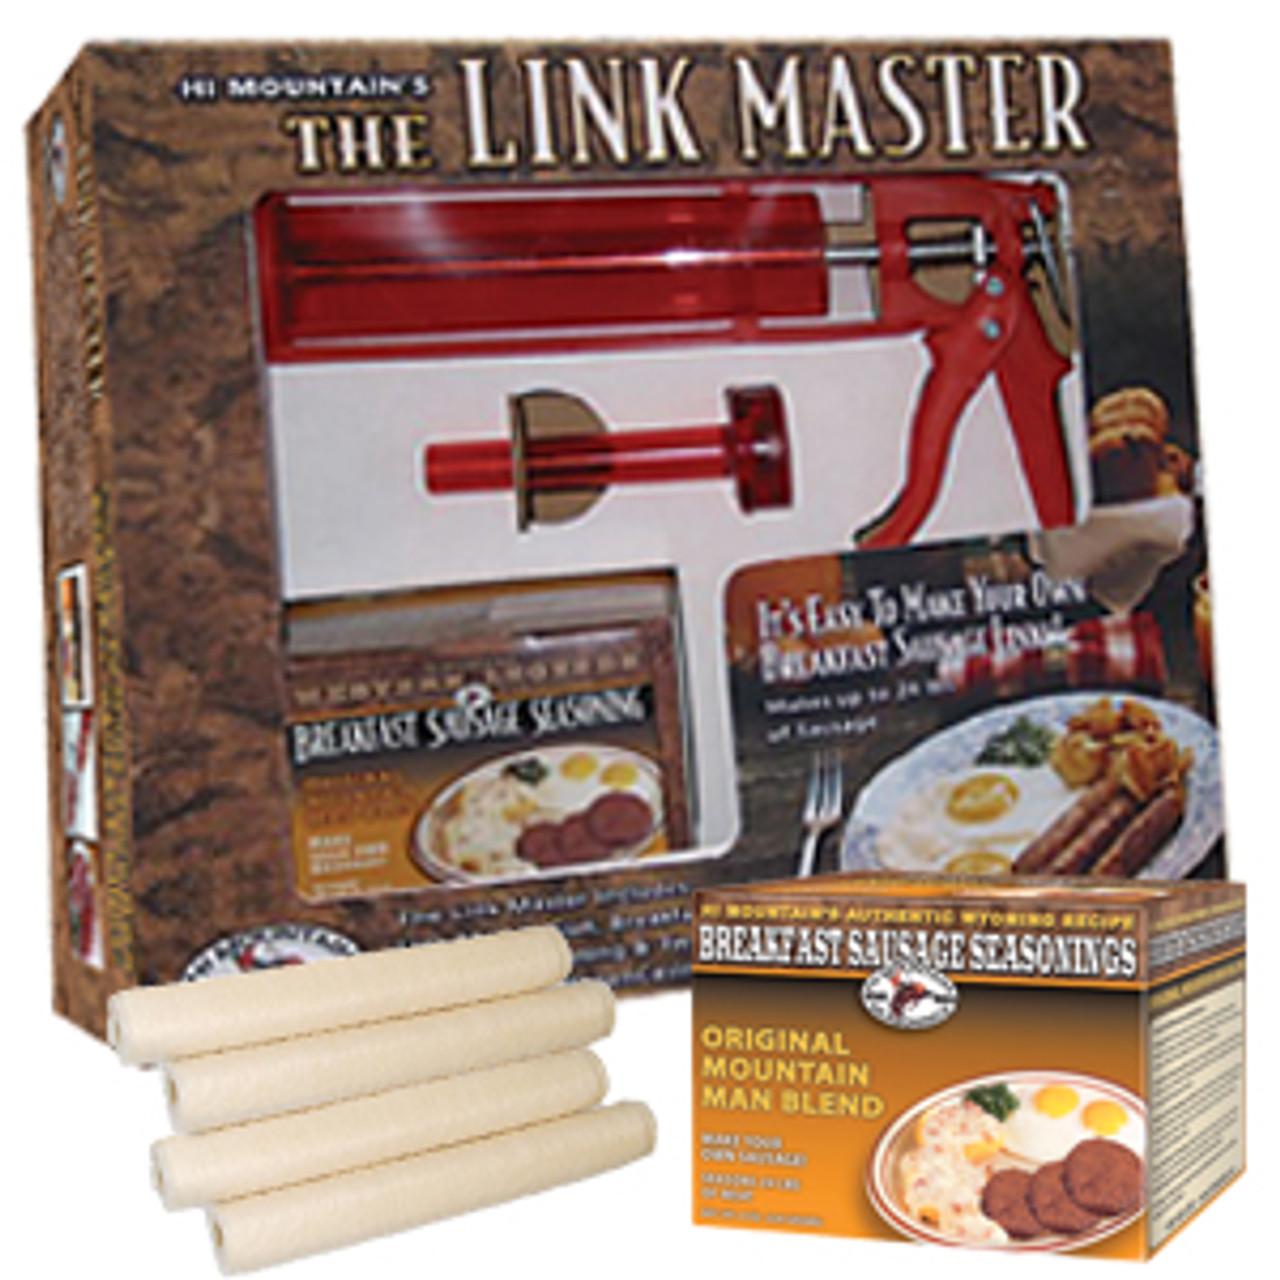 Link Master